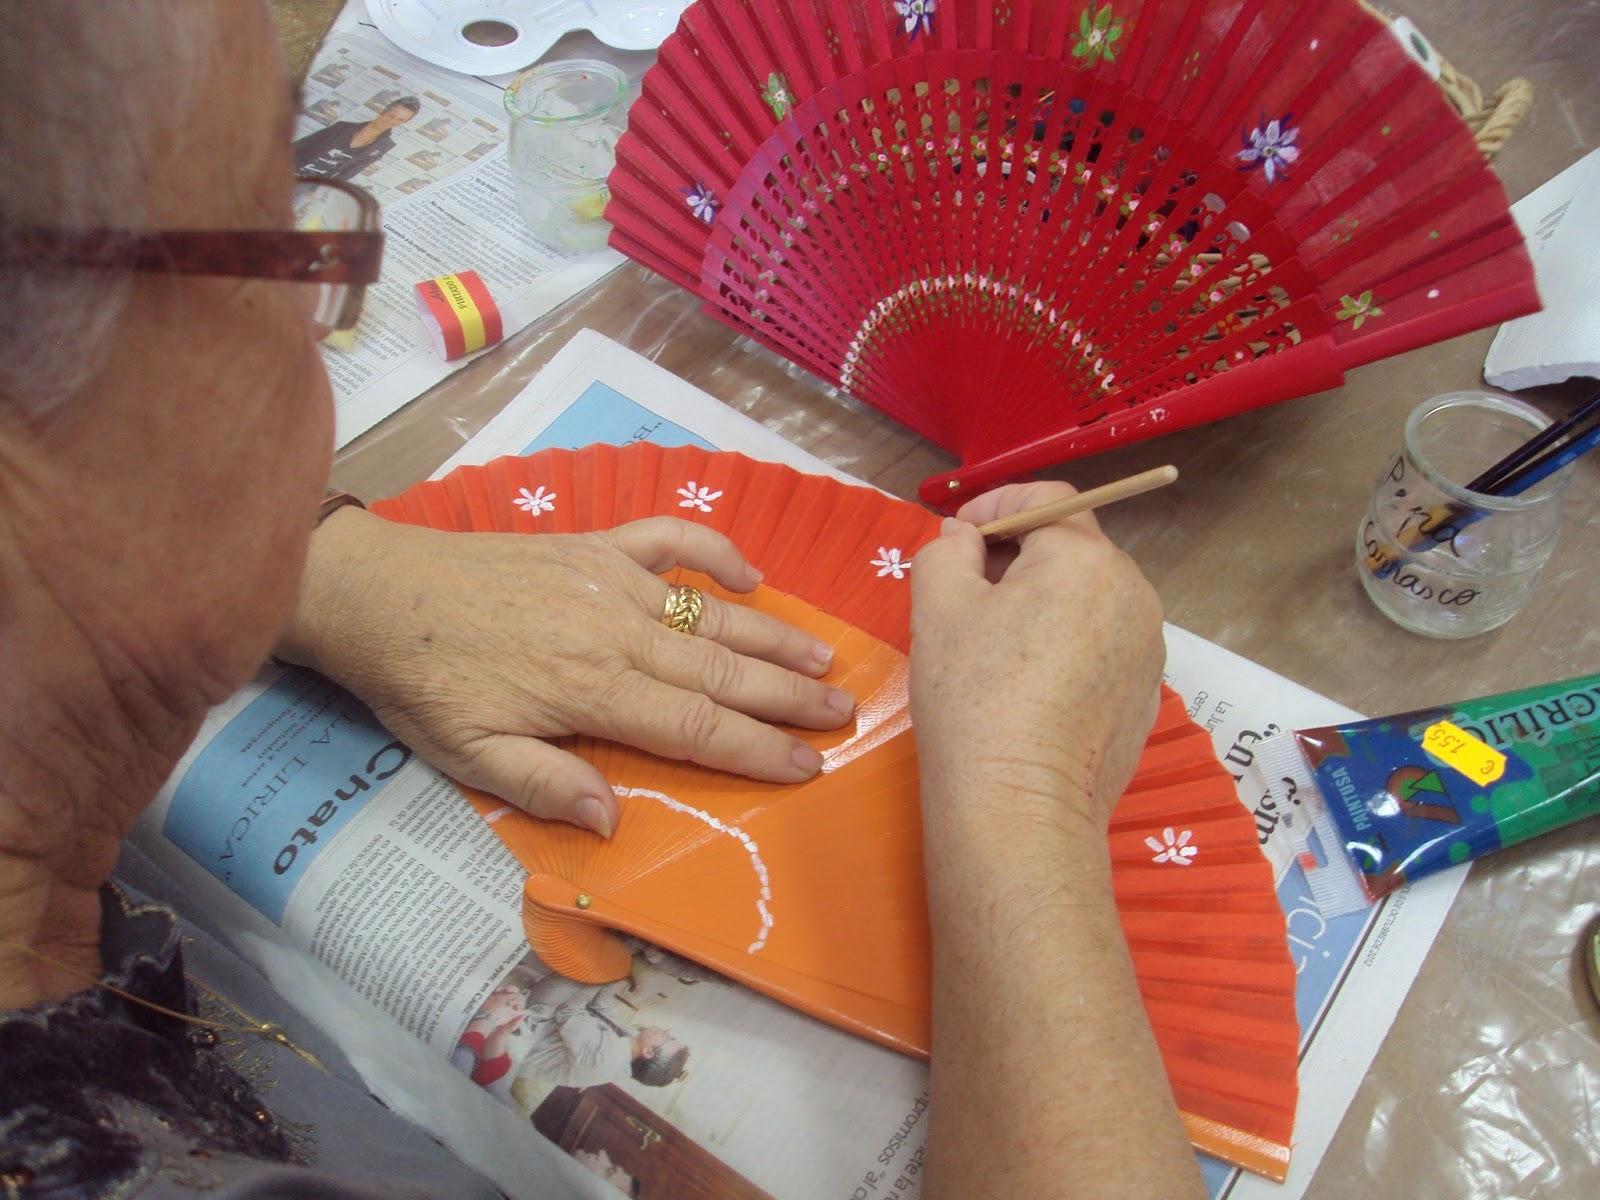 Mayores activ s2013 taller de manualidades - Talleres manualidades para adultos ...